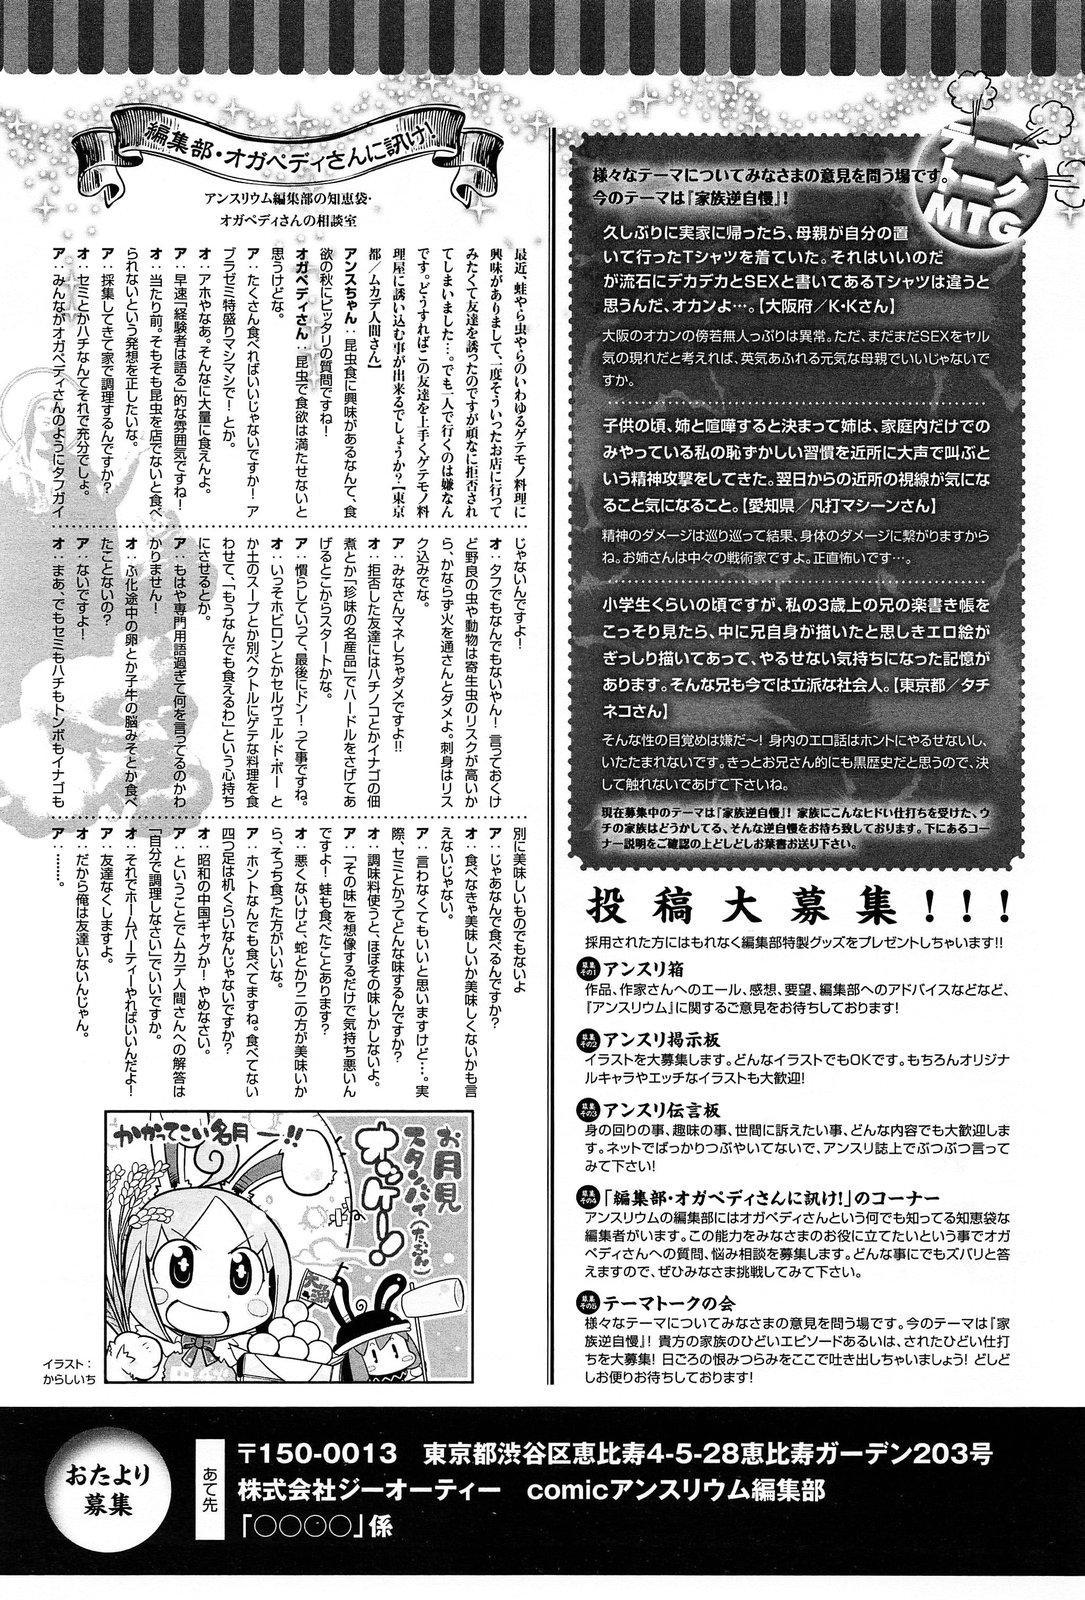 COMIC Anthurium 006 2013-10 354